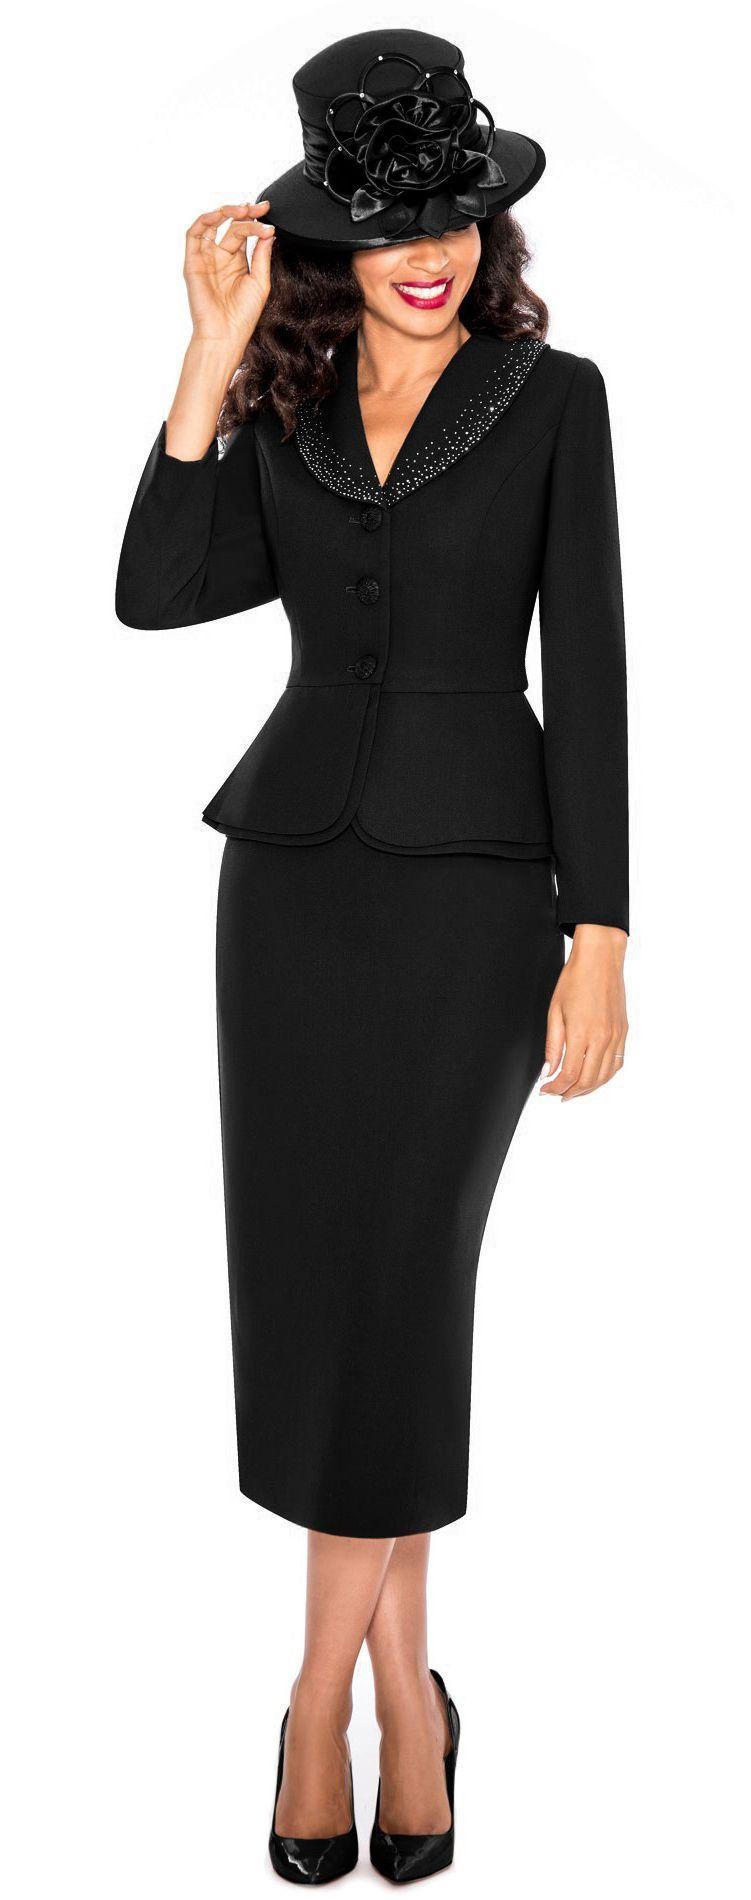 Women church suits for petite women #13